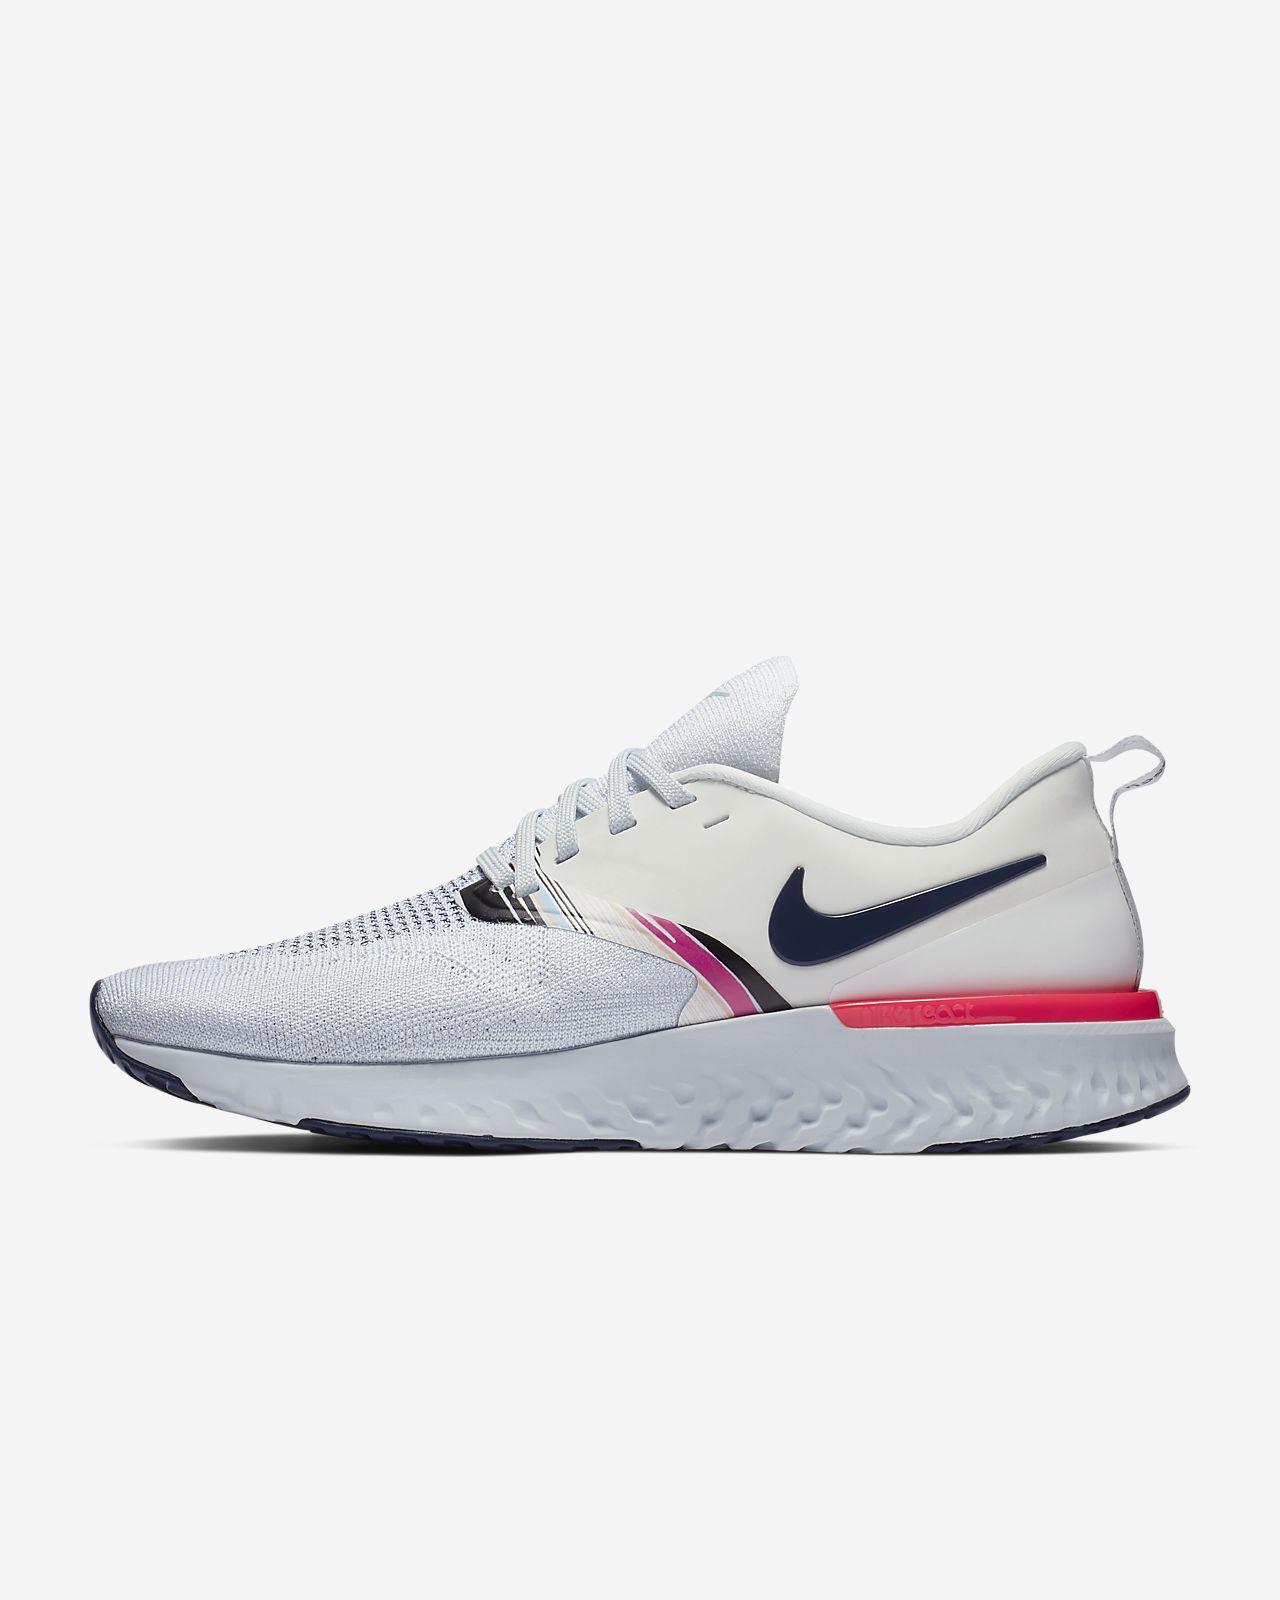 96a2301367fa Nike Odyssey React Flyknit 2 Premium Women s Running Shoe. Nike.com GB